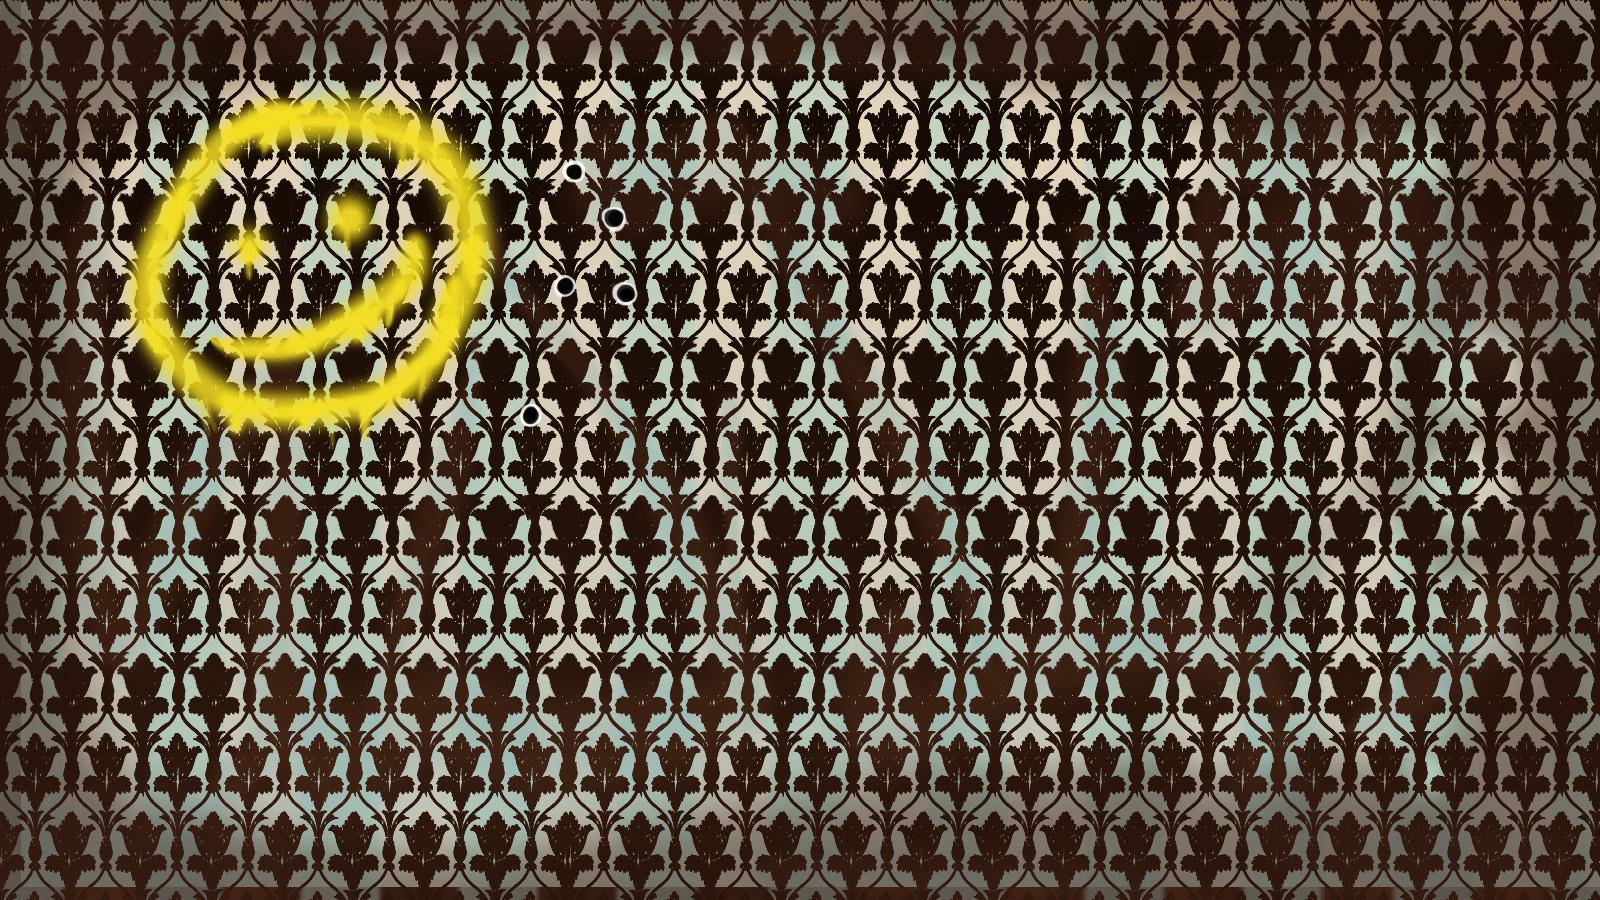 literal_bbc_sherlock_wallpaper_by_nachonachocheese-d4mkh26